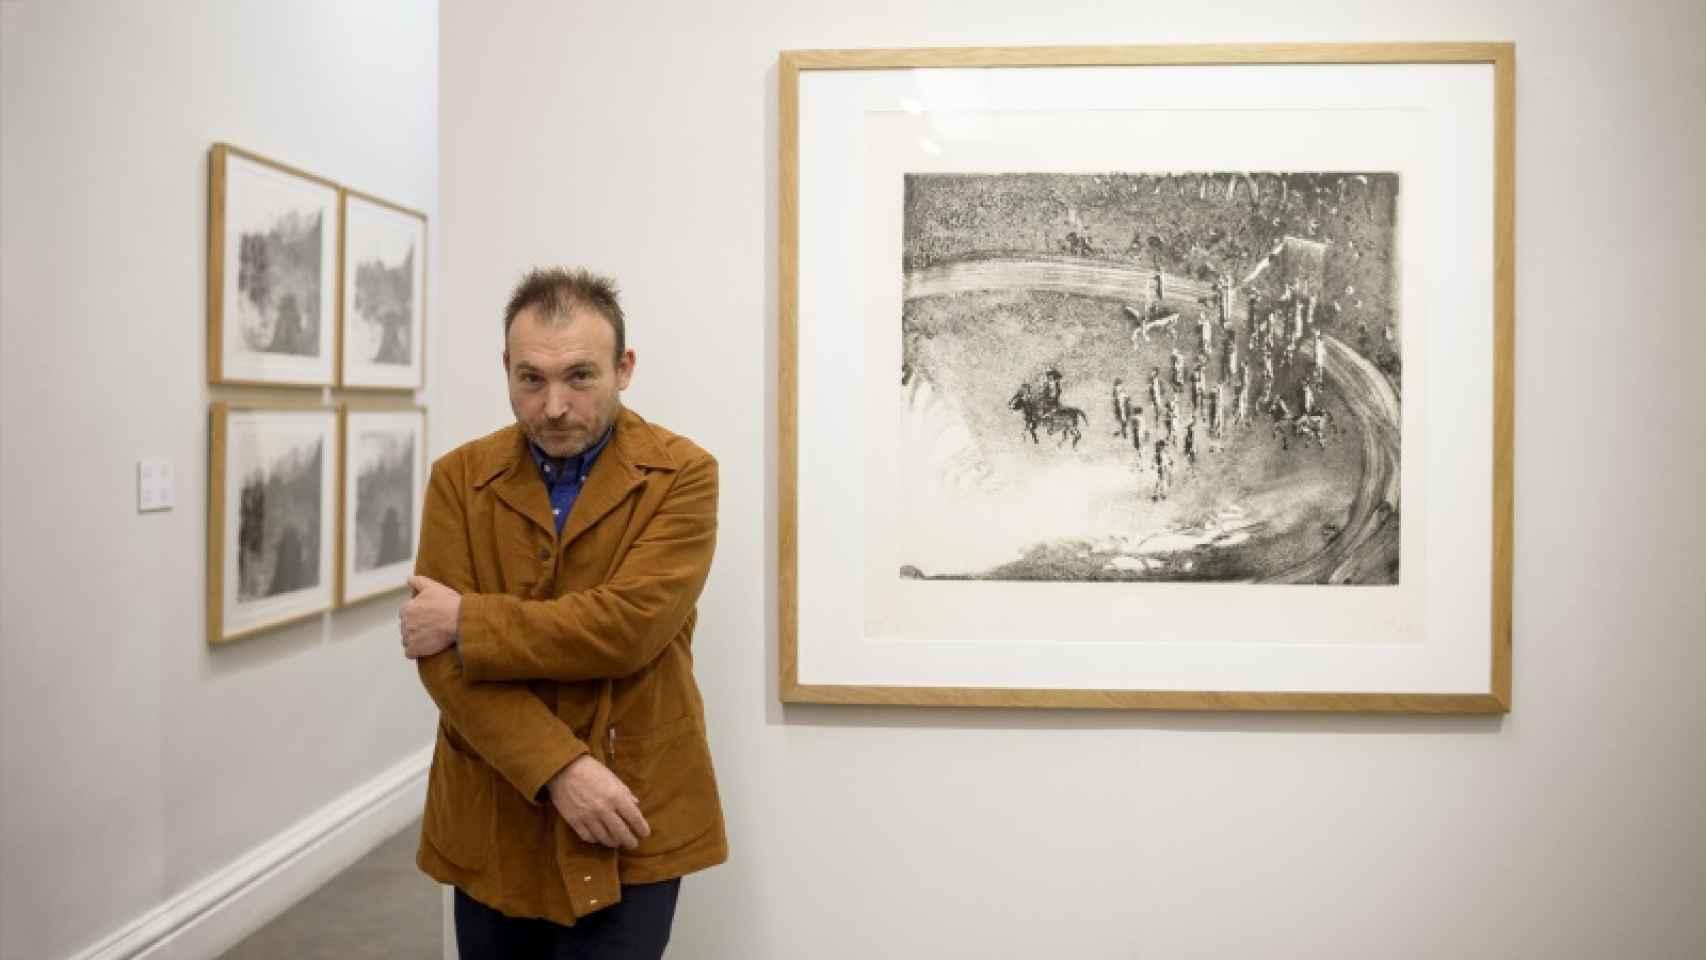 El artista mallorquín junto a uno de sus grabados taurinos.